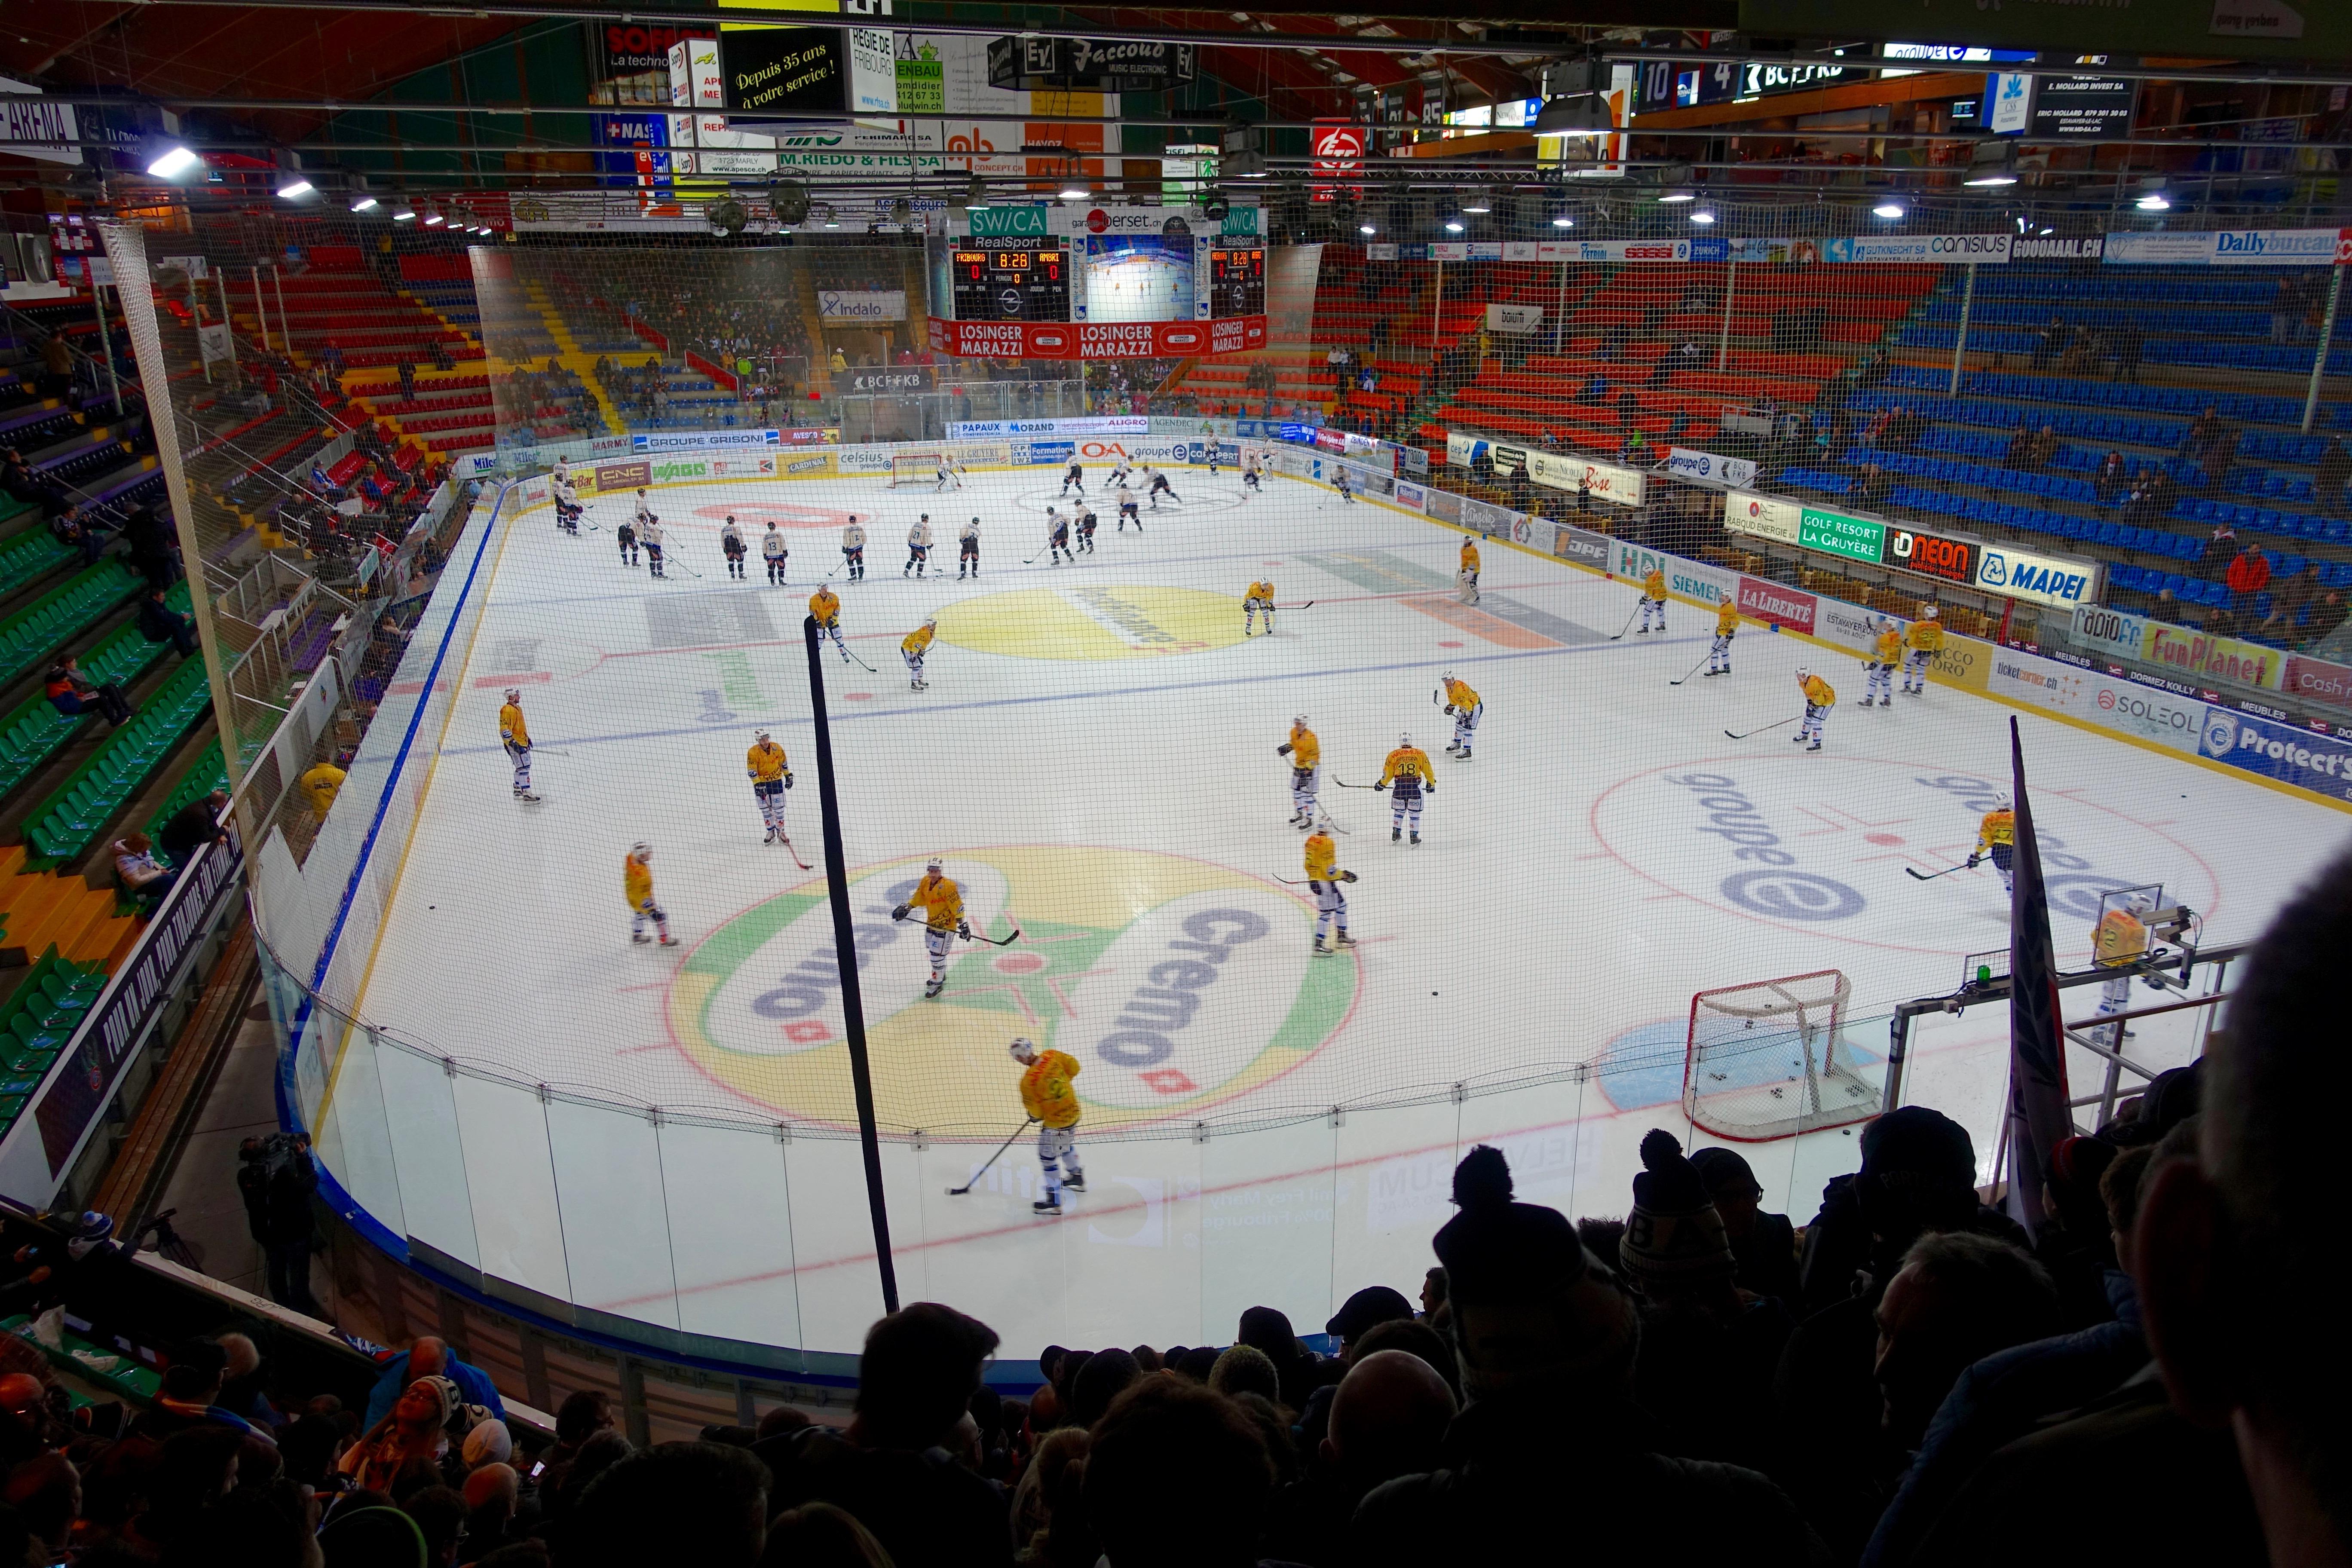 Fribourg und Ambri in der BCF-Arena beim Einspielen.